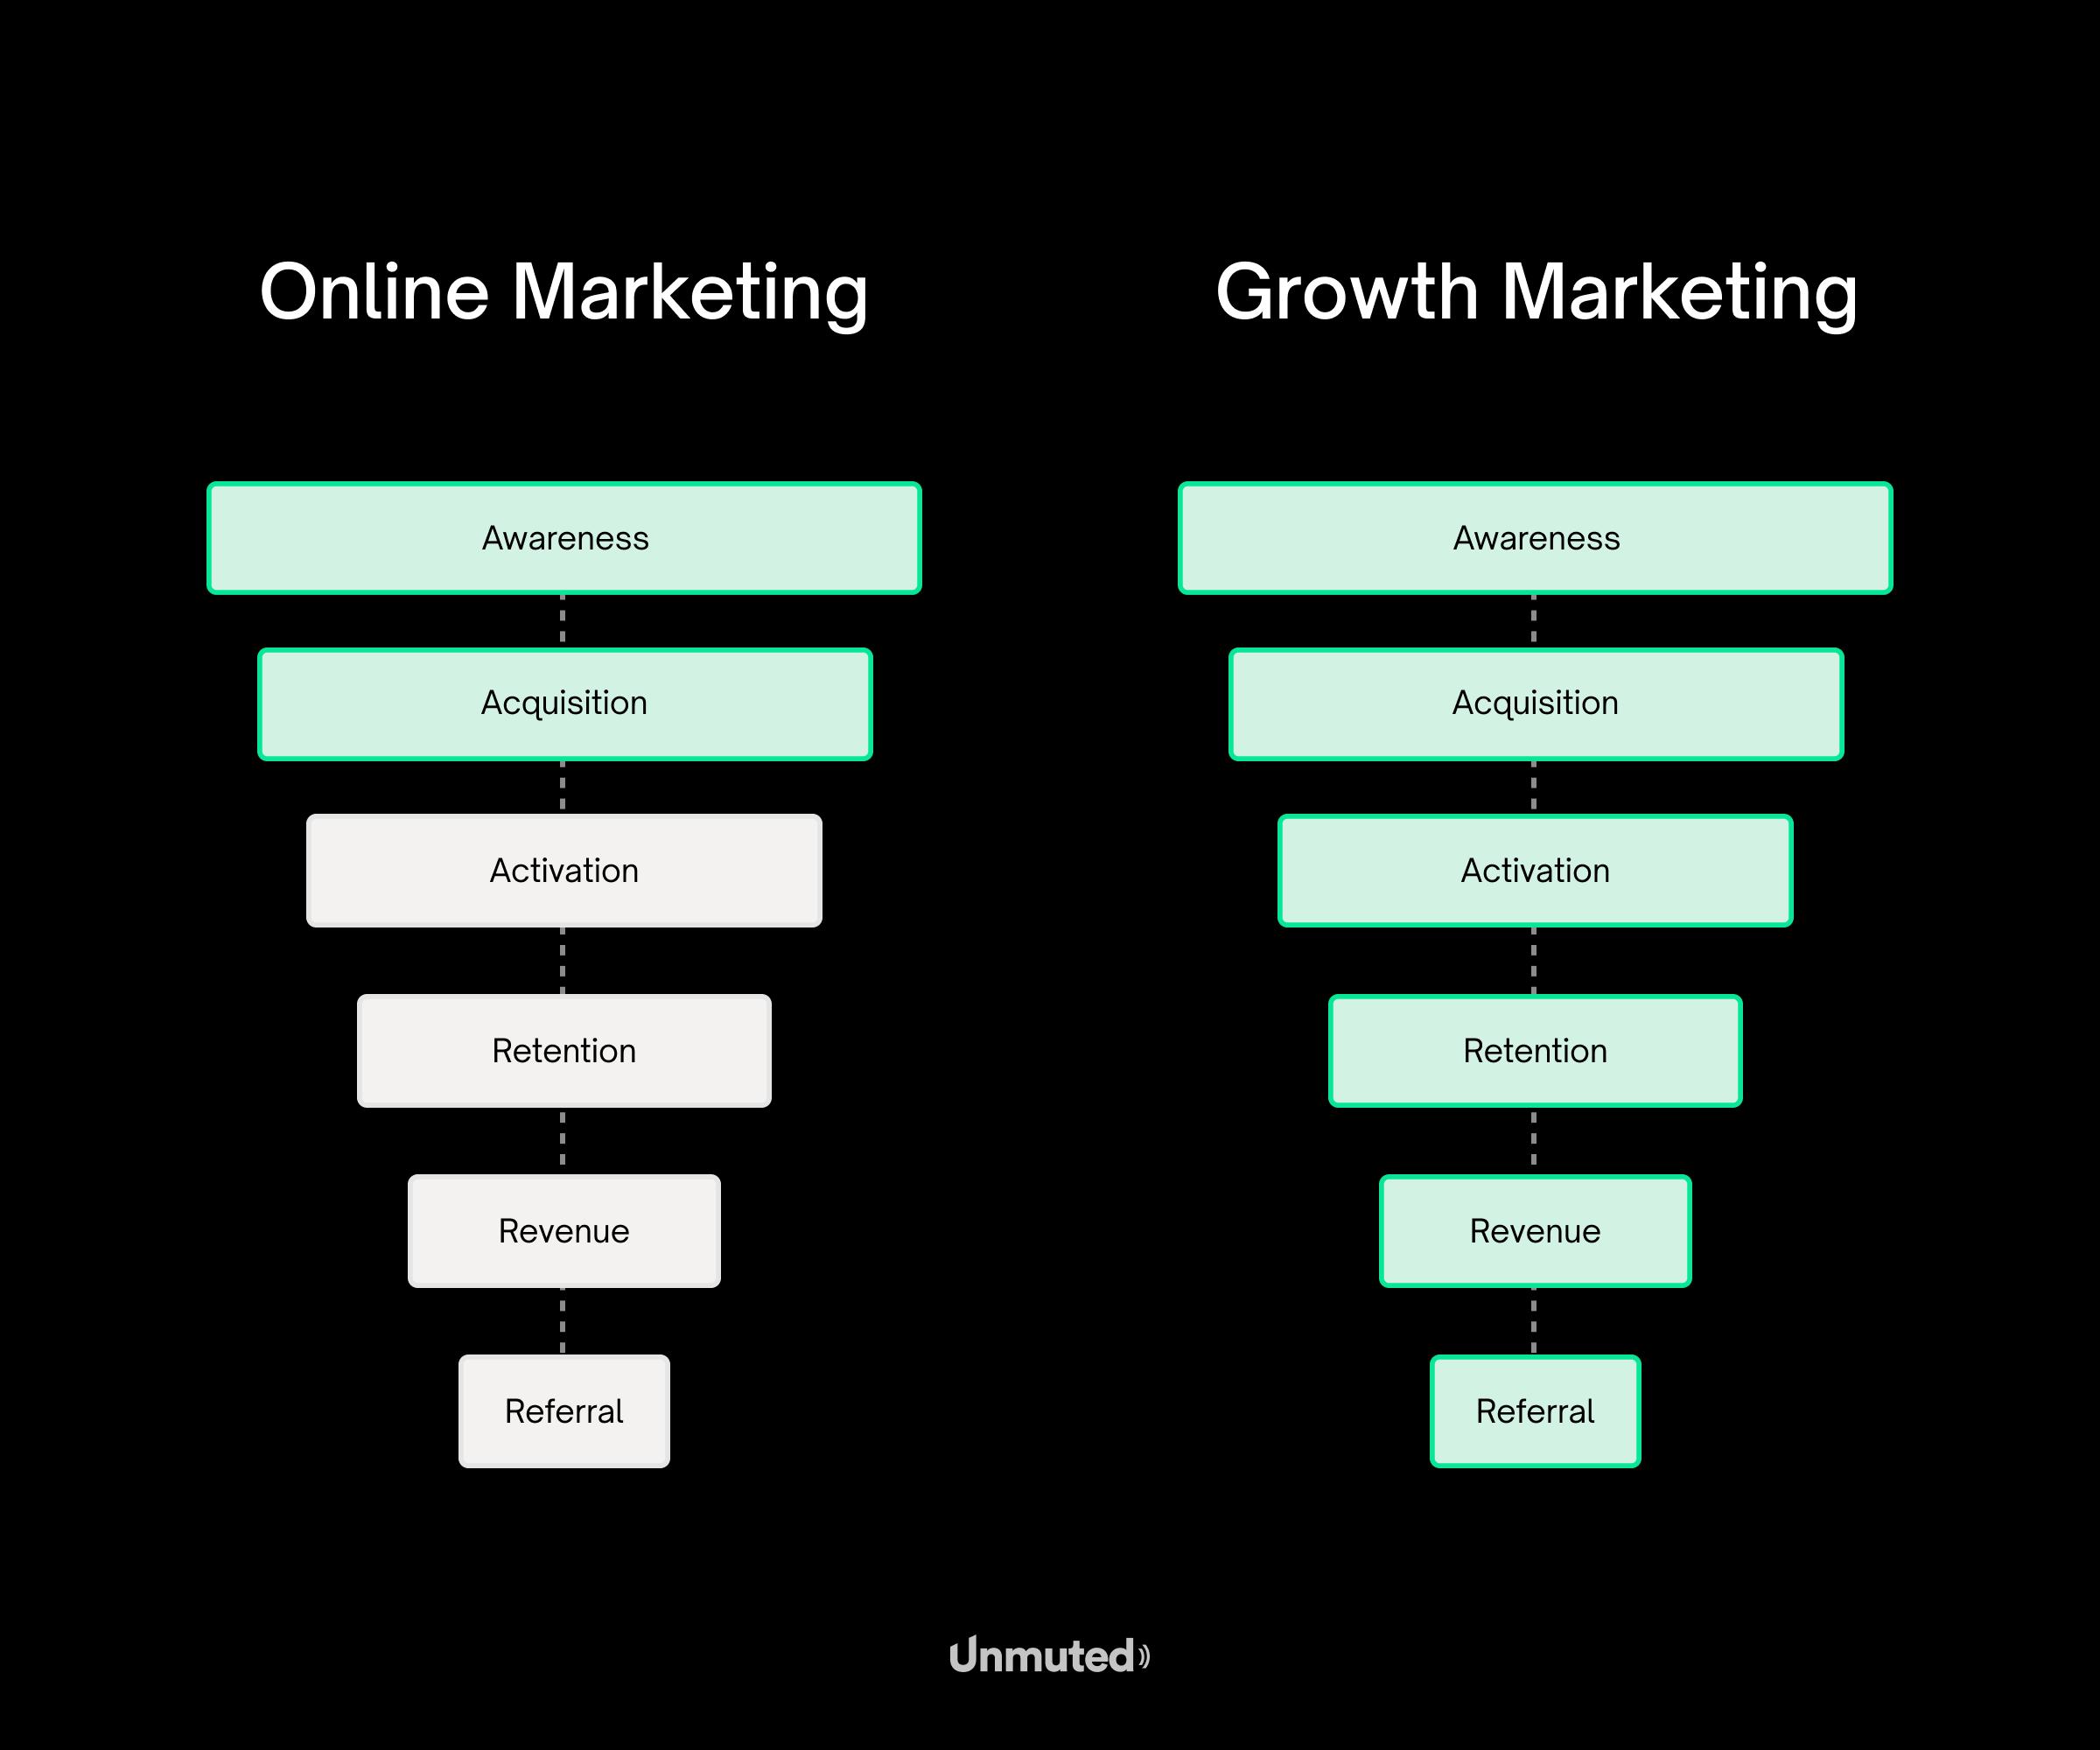 Verschil-tussen-online-marketing-en-growth-marketing